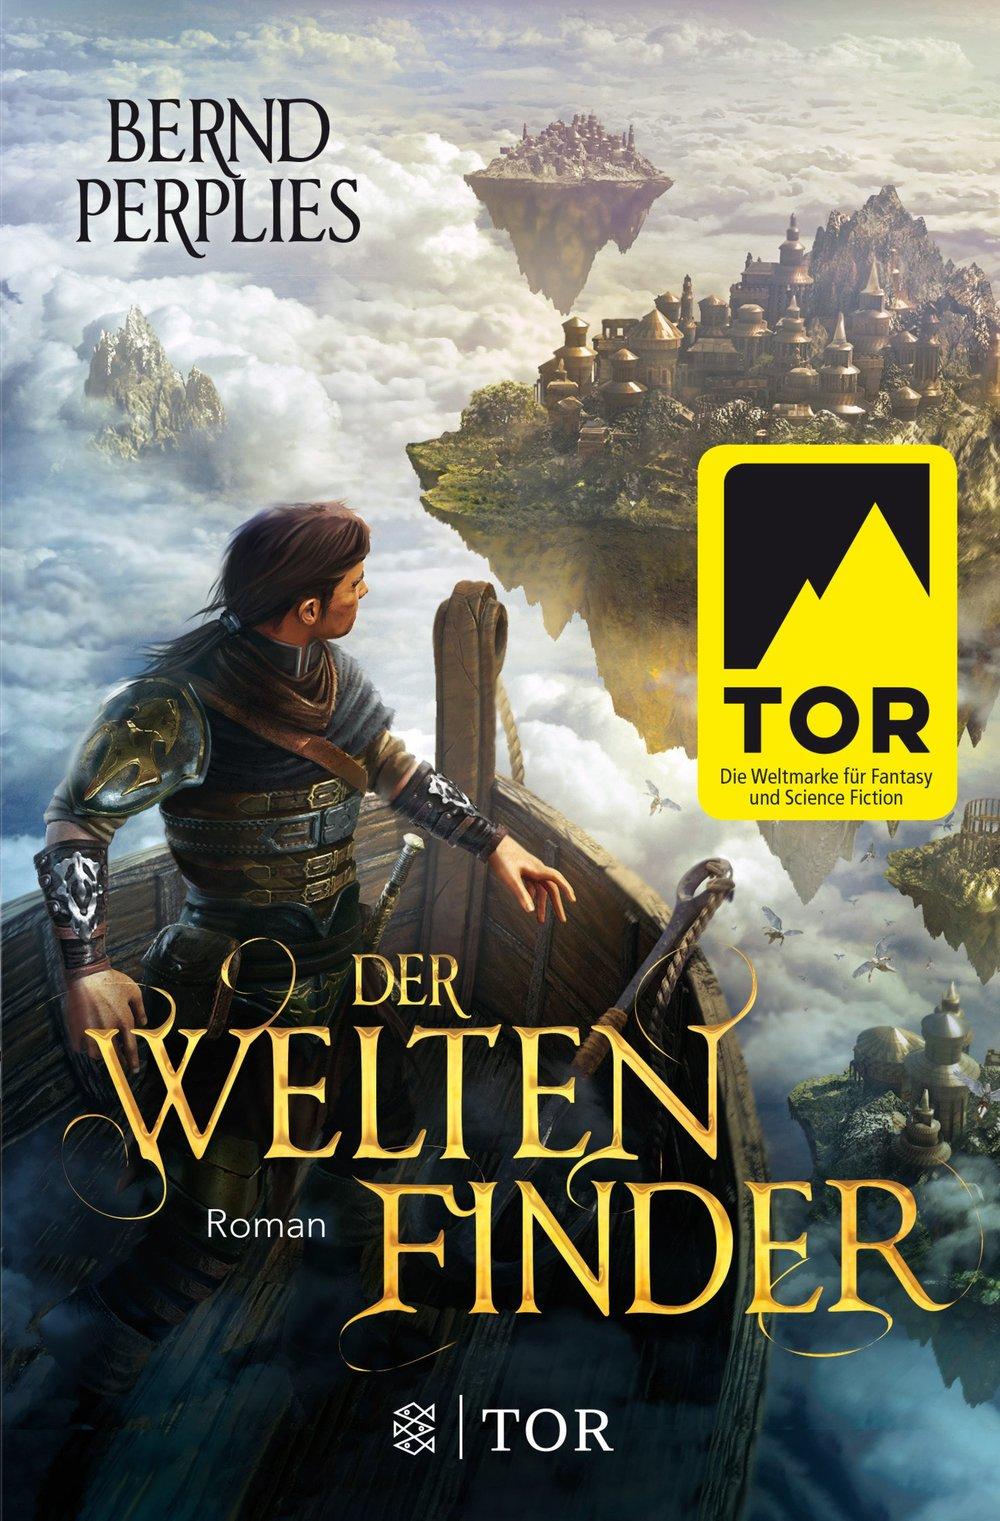 Der-Weltenfinder_Bernd-Perplies.jpg